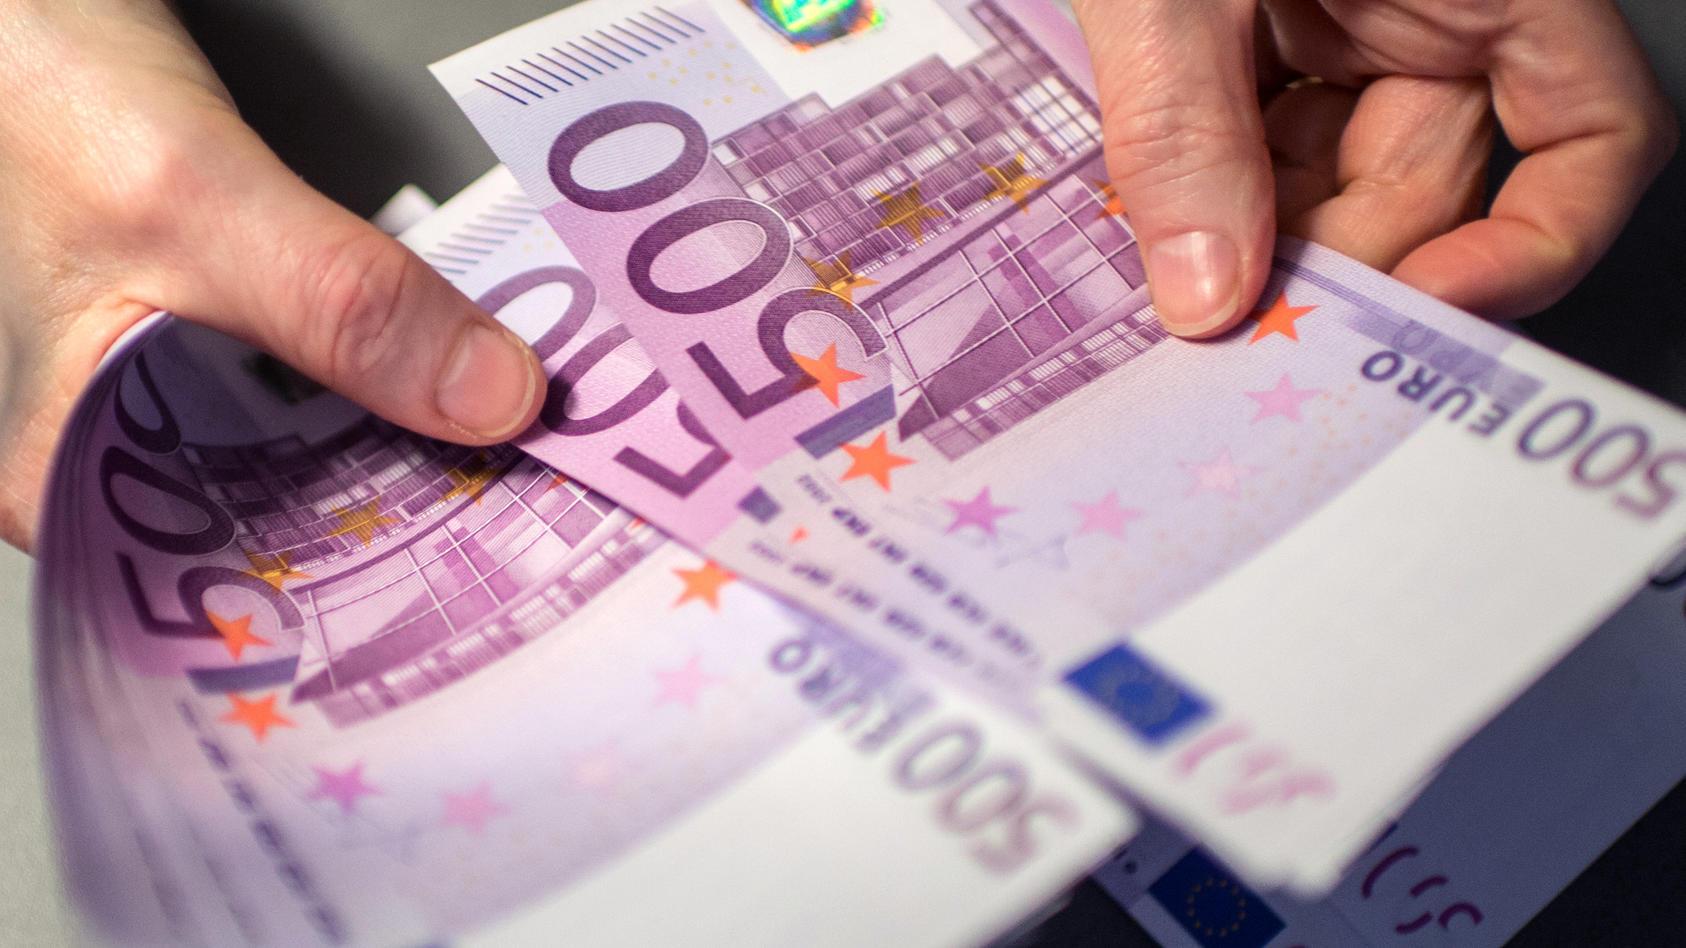 Eltern der Frau hatten dem Paar beim Hauskauf mehr als 100.000 Euro geschenkt.